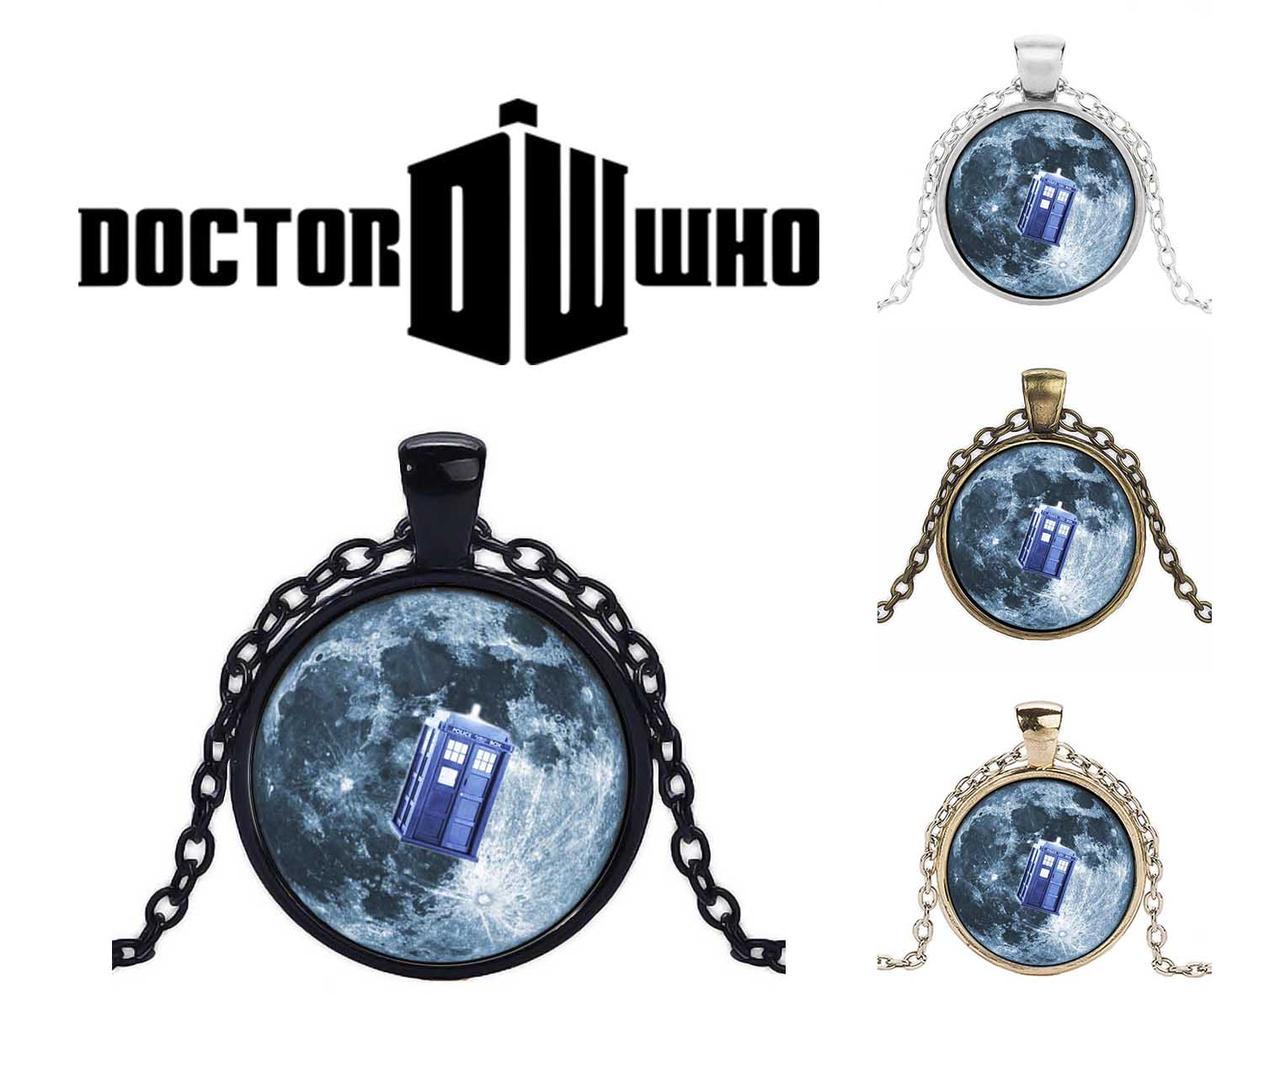 Кулон с фоном звездное небо и Тардисом из сериала Доктор Кто / Doctor Who